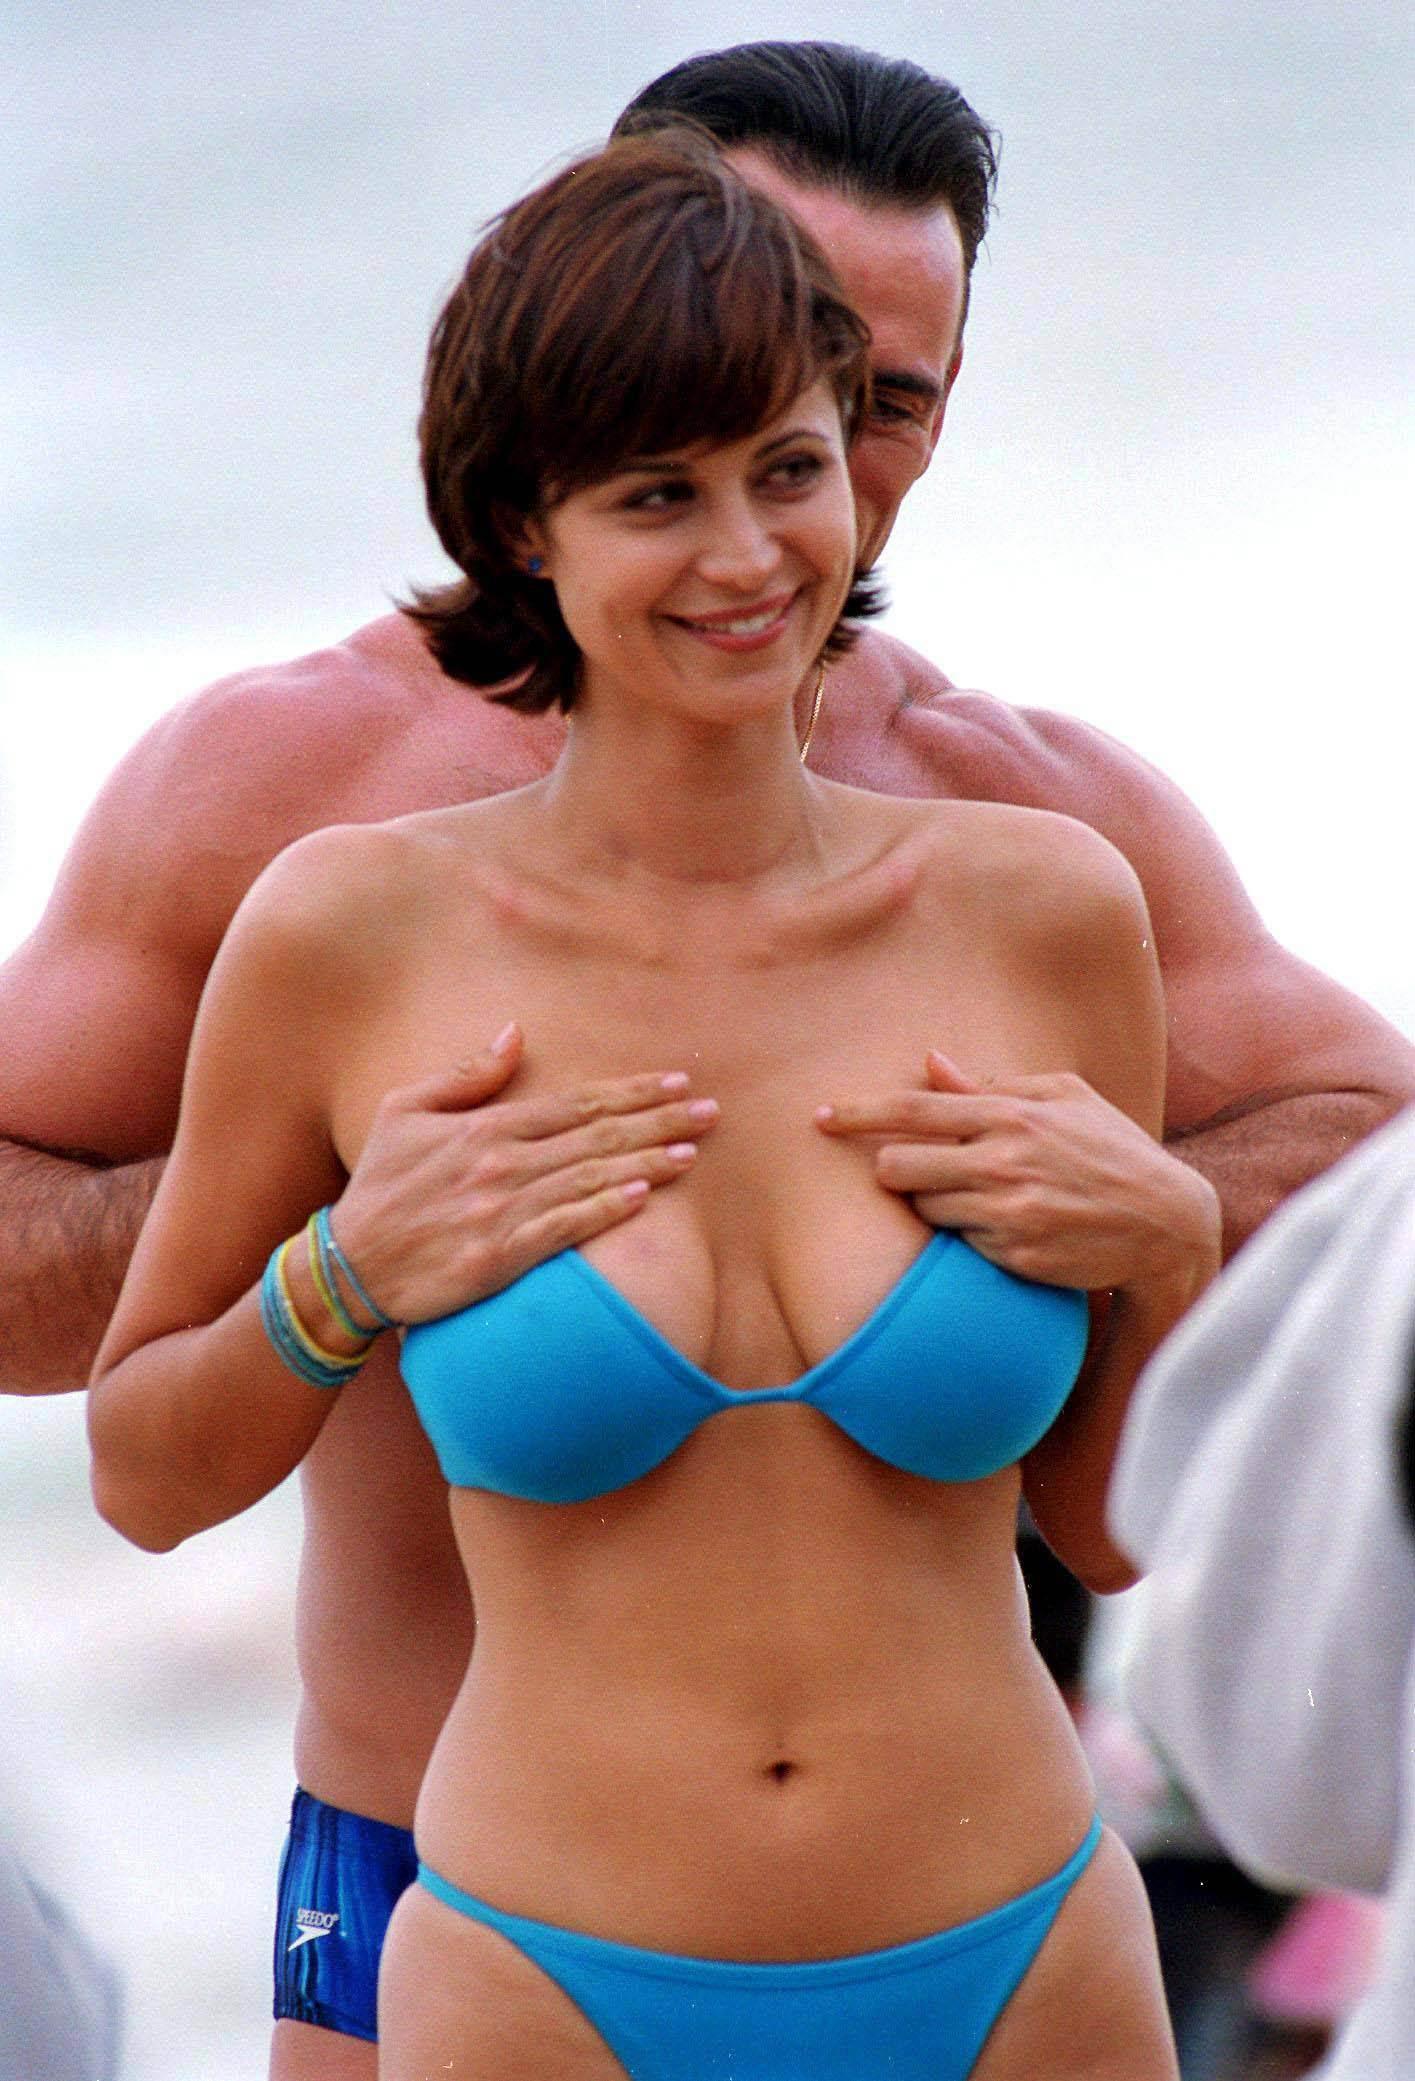 Catherine bell desnuda, los mejores videos xxx porno